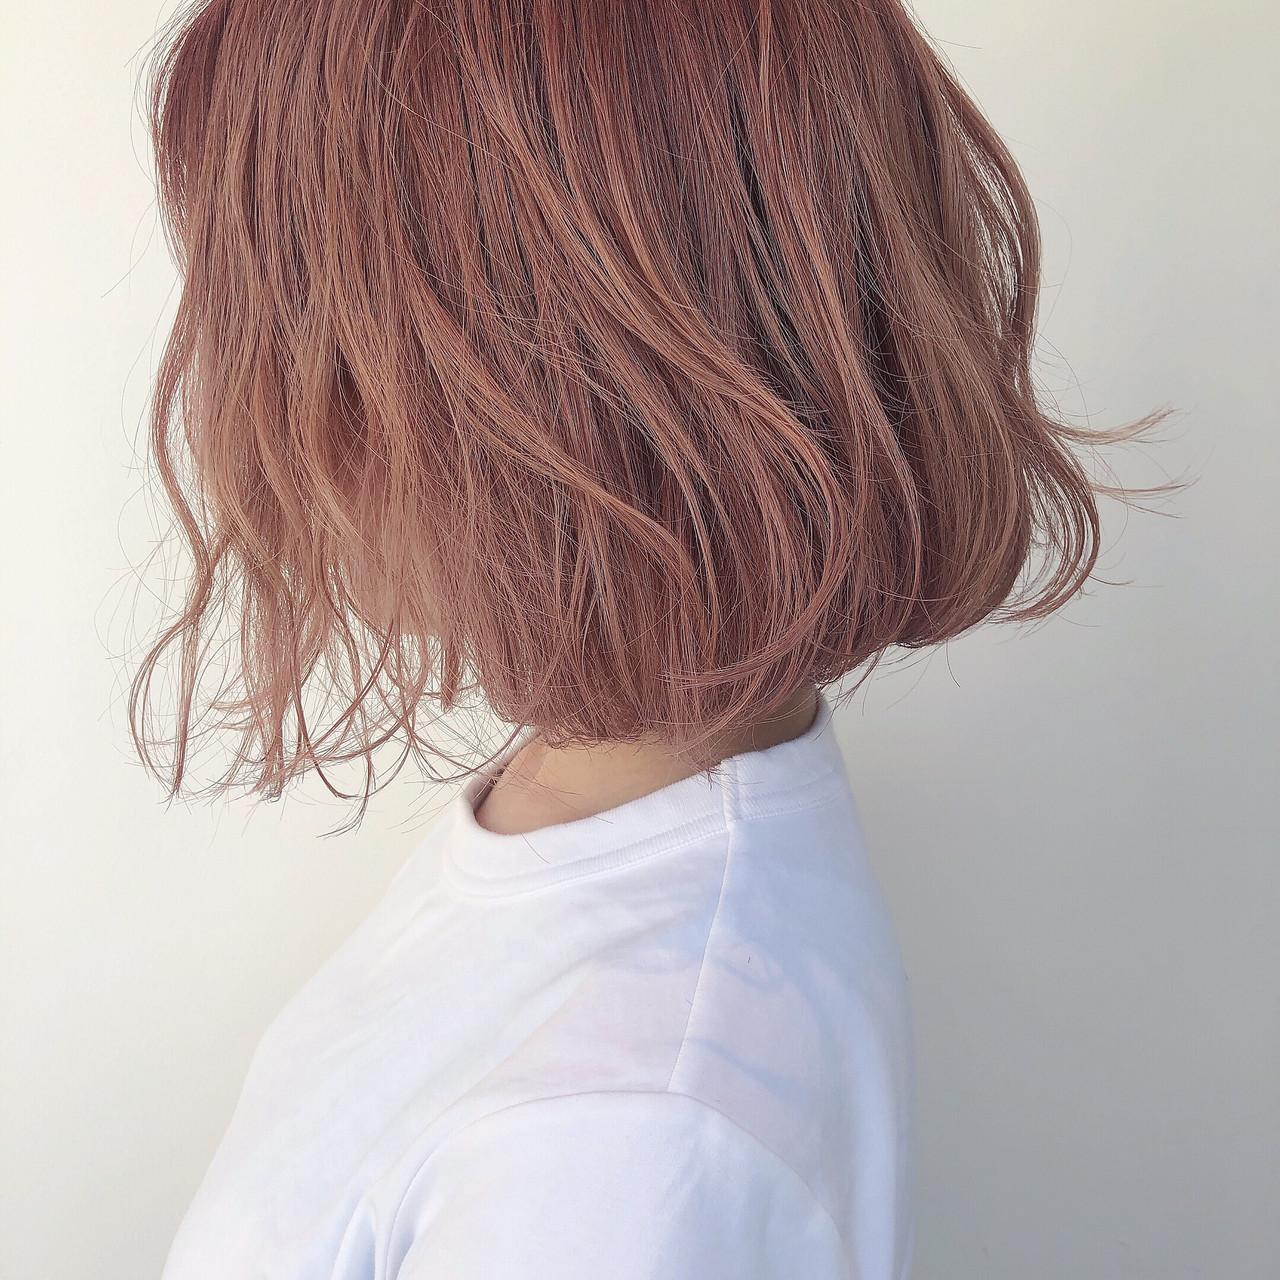 オレンジベージュ オレンジブラウン ナチュラル オレンジ ヘアスタイルや髪型の写真・画像